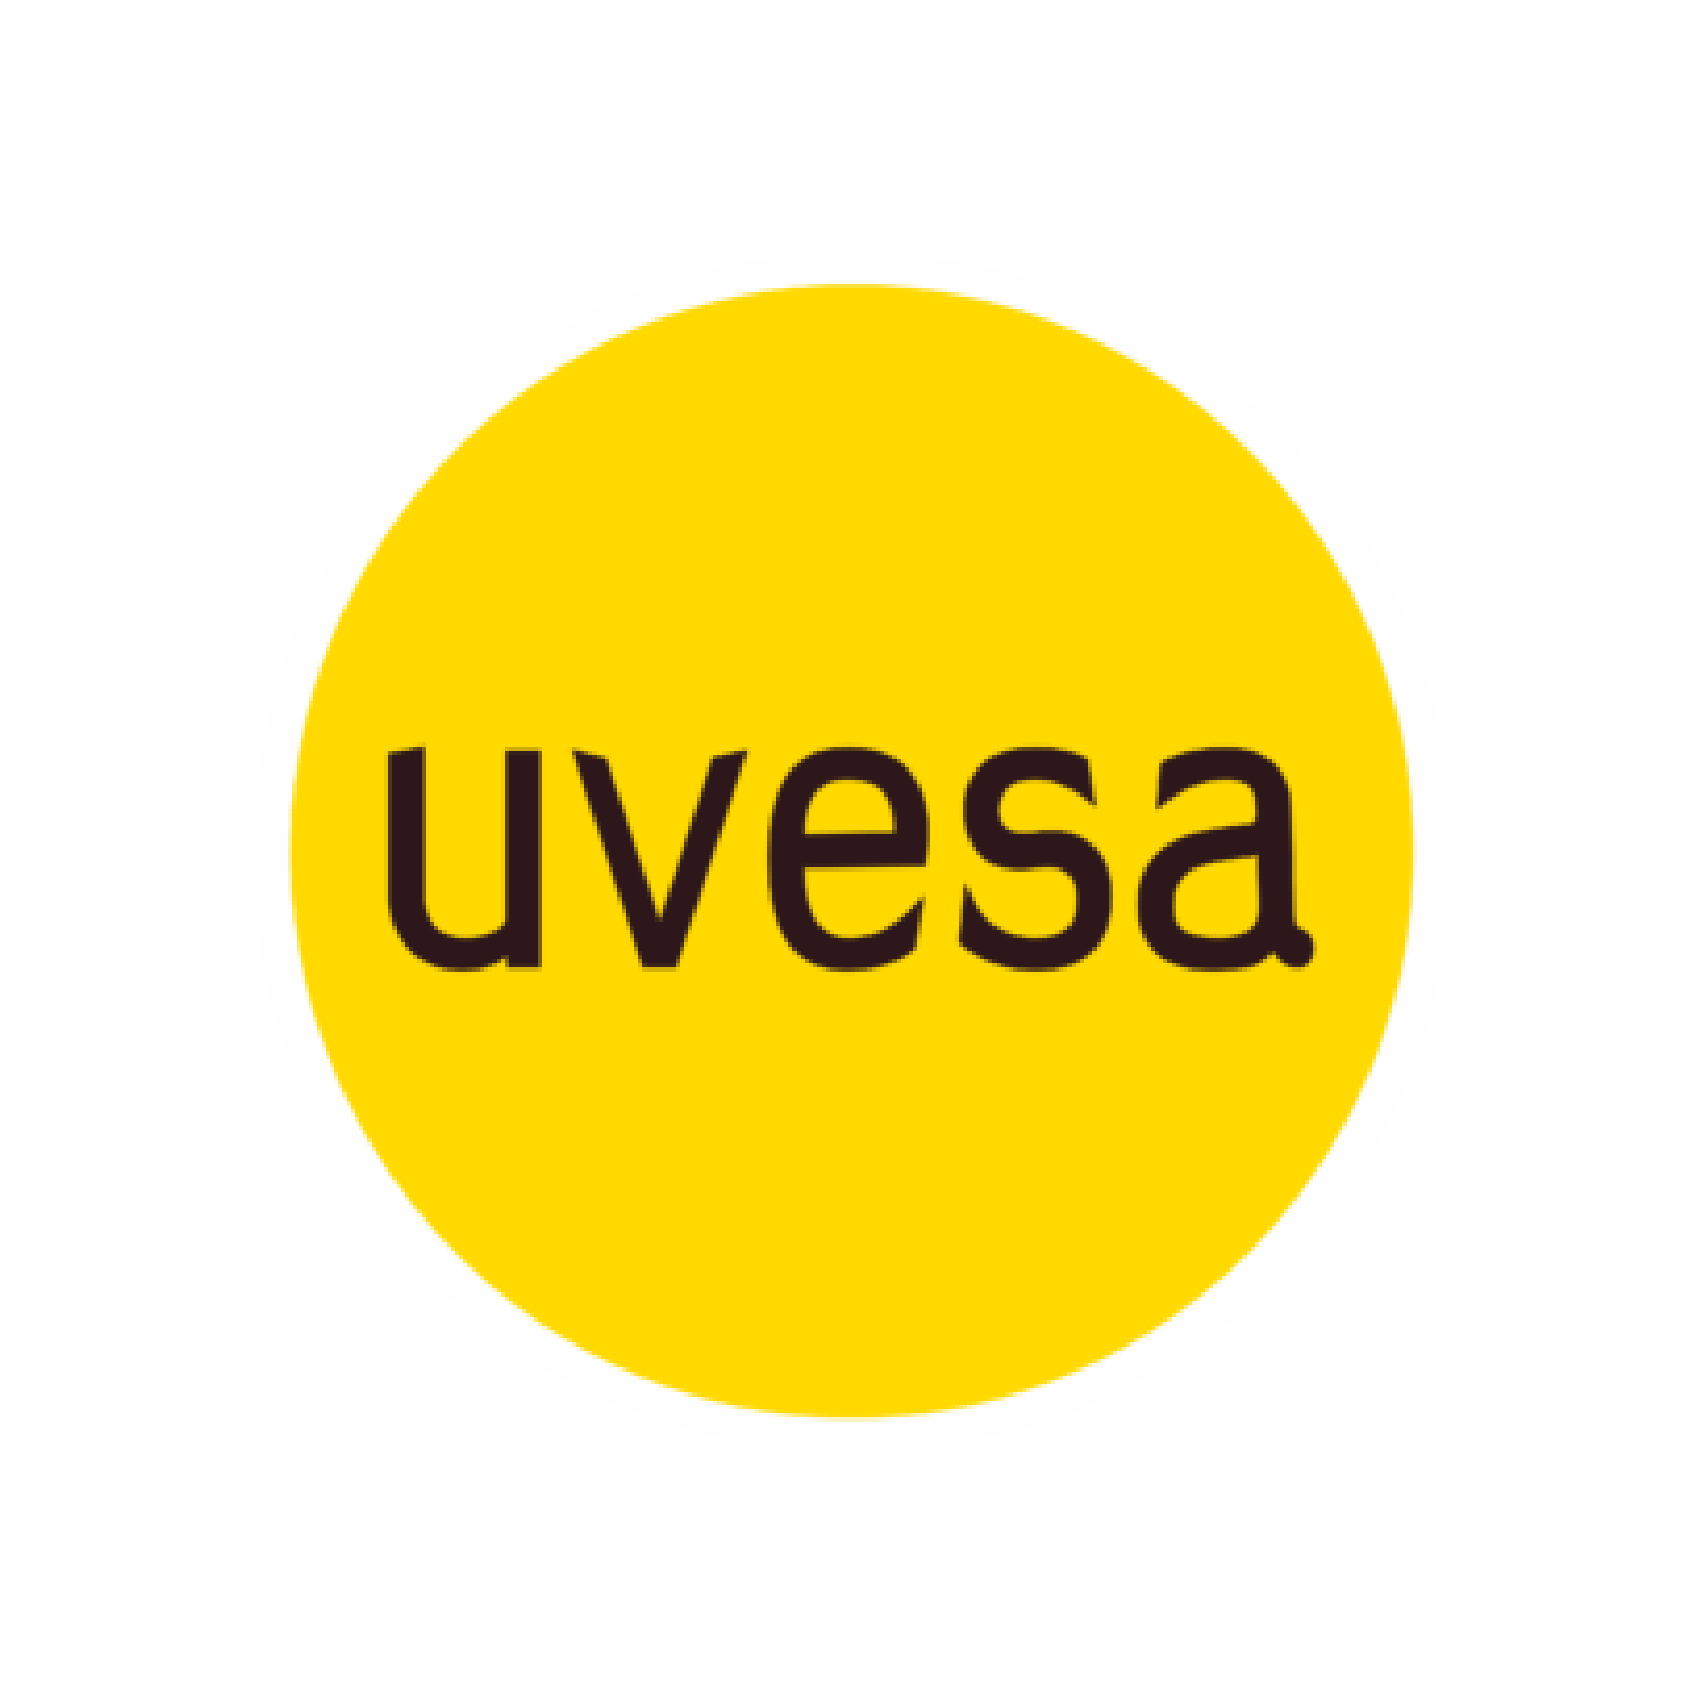 Logo-Uvesa-con-borde-blanco-01